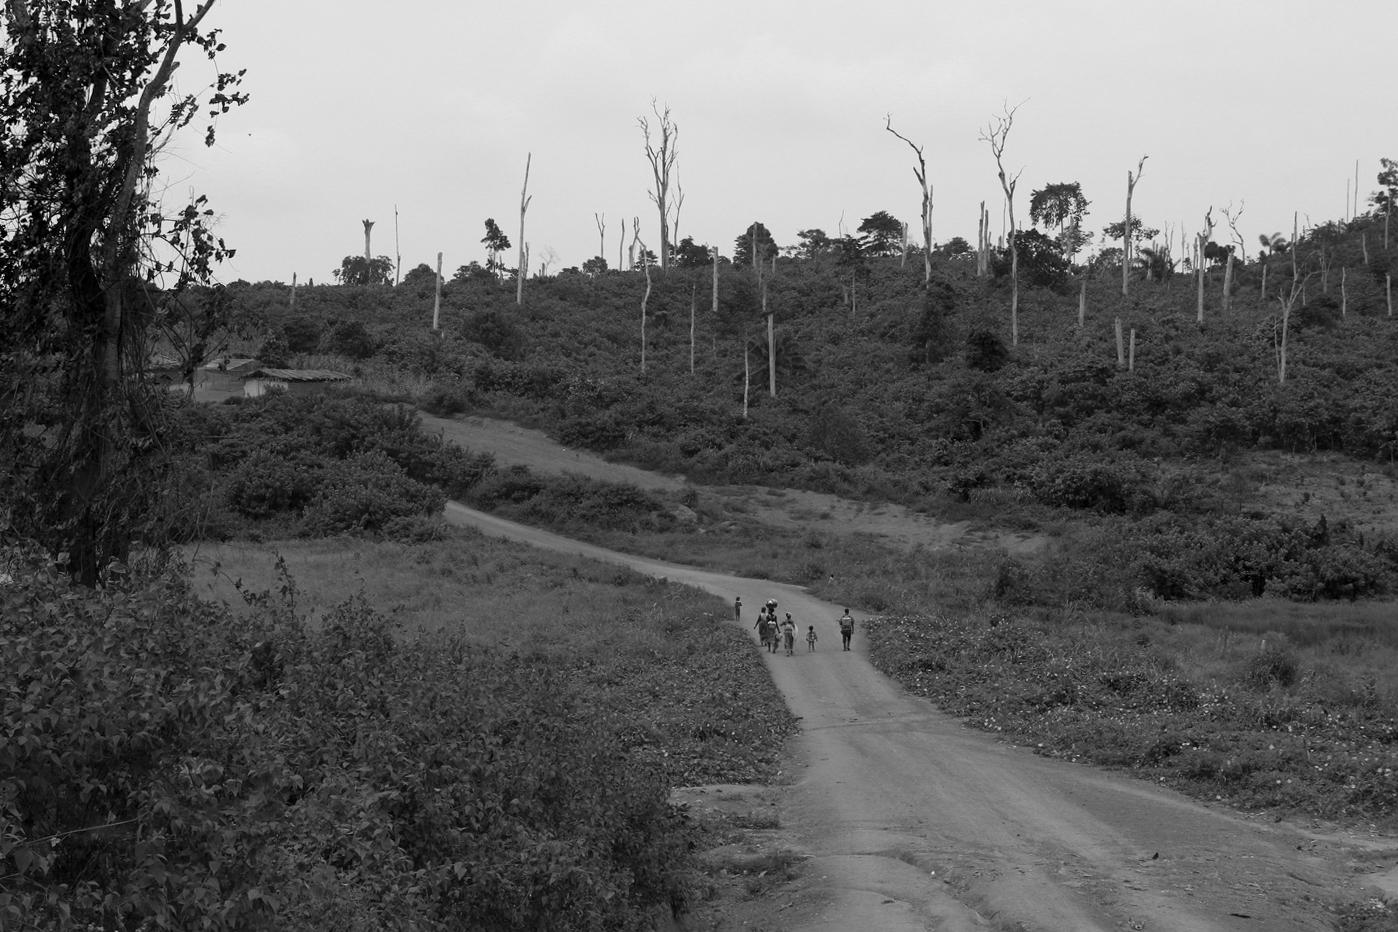 _Côte d'Ivoire_Kew_1447.CR2 copy-2.jpg